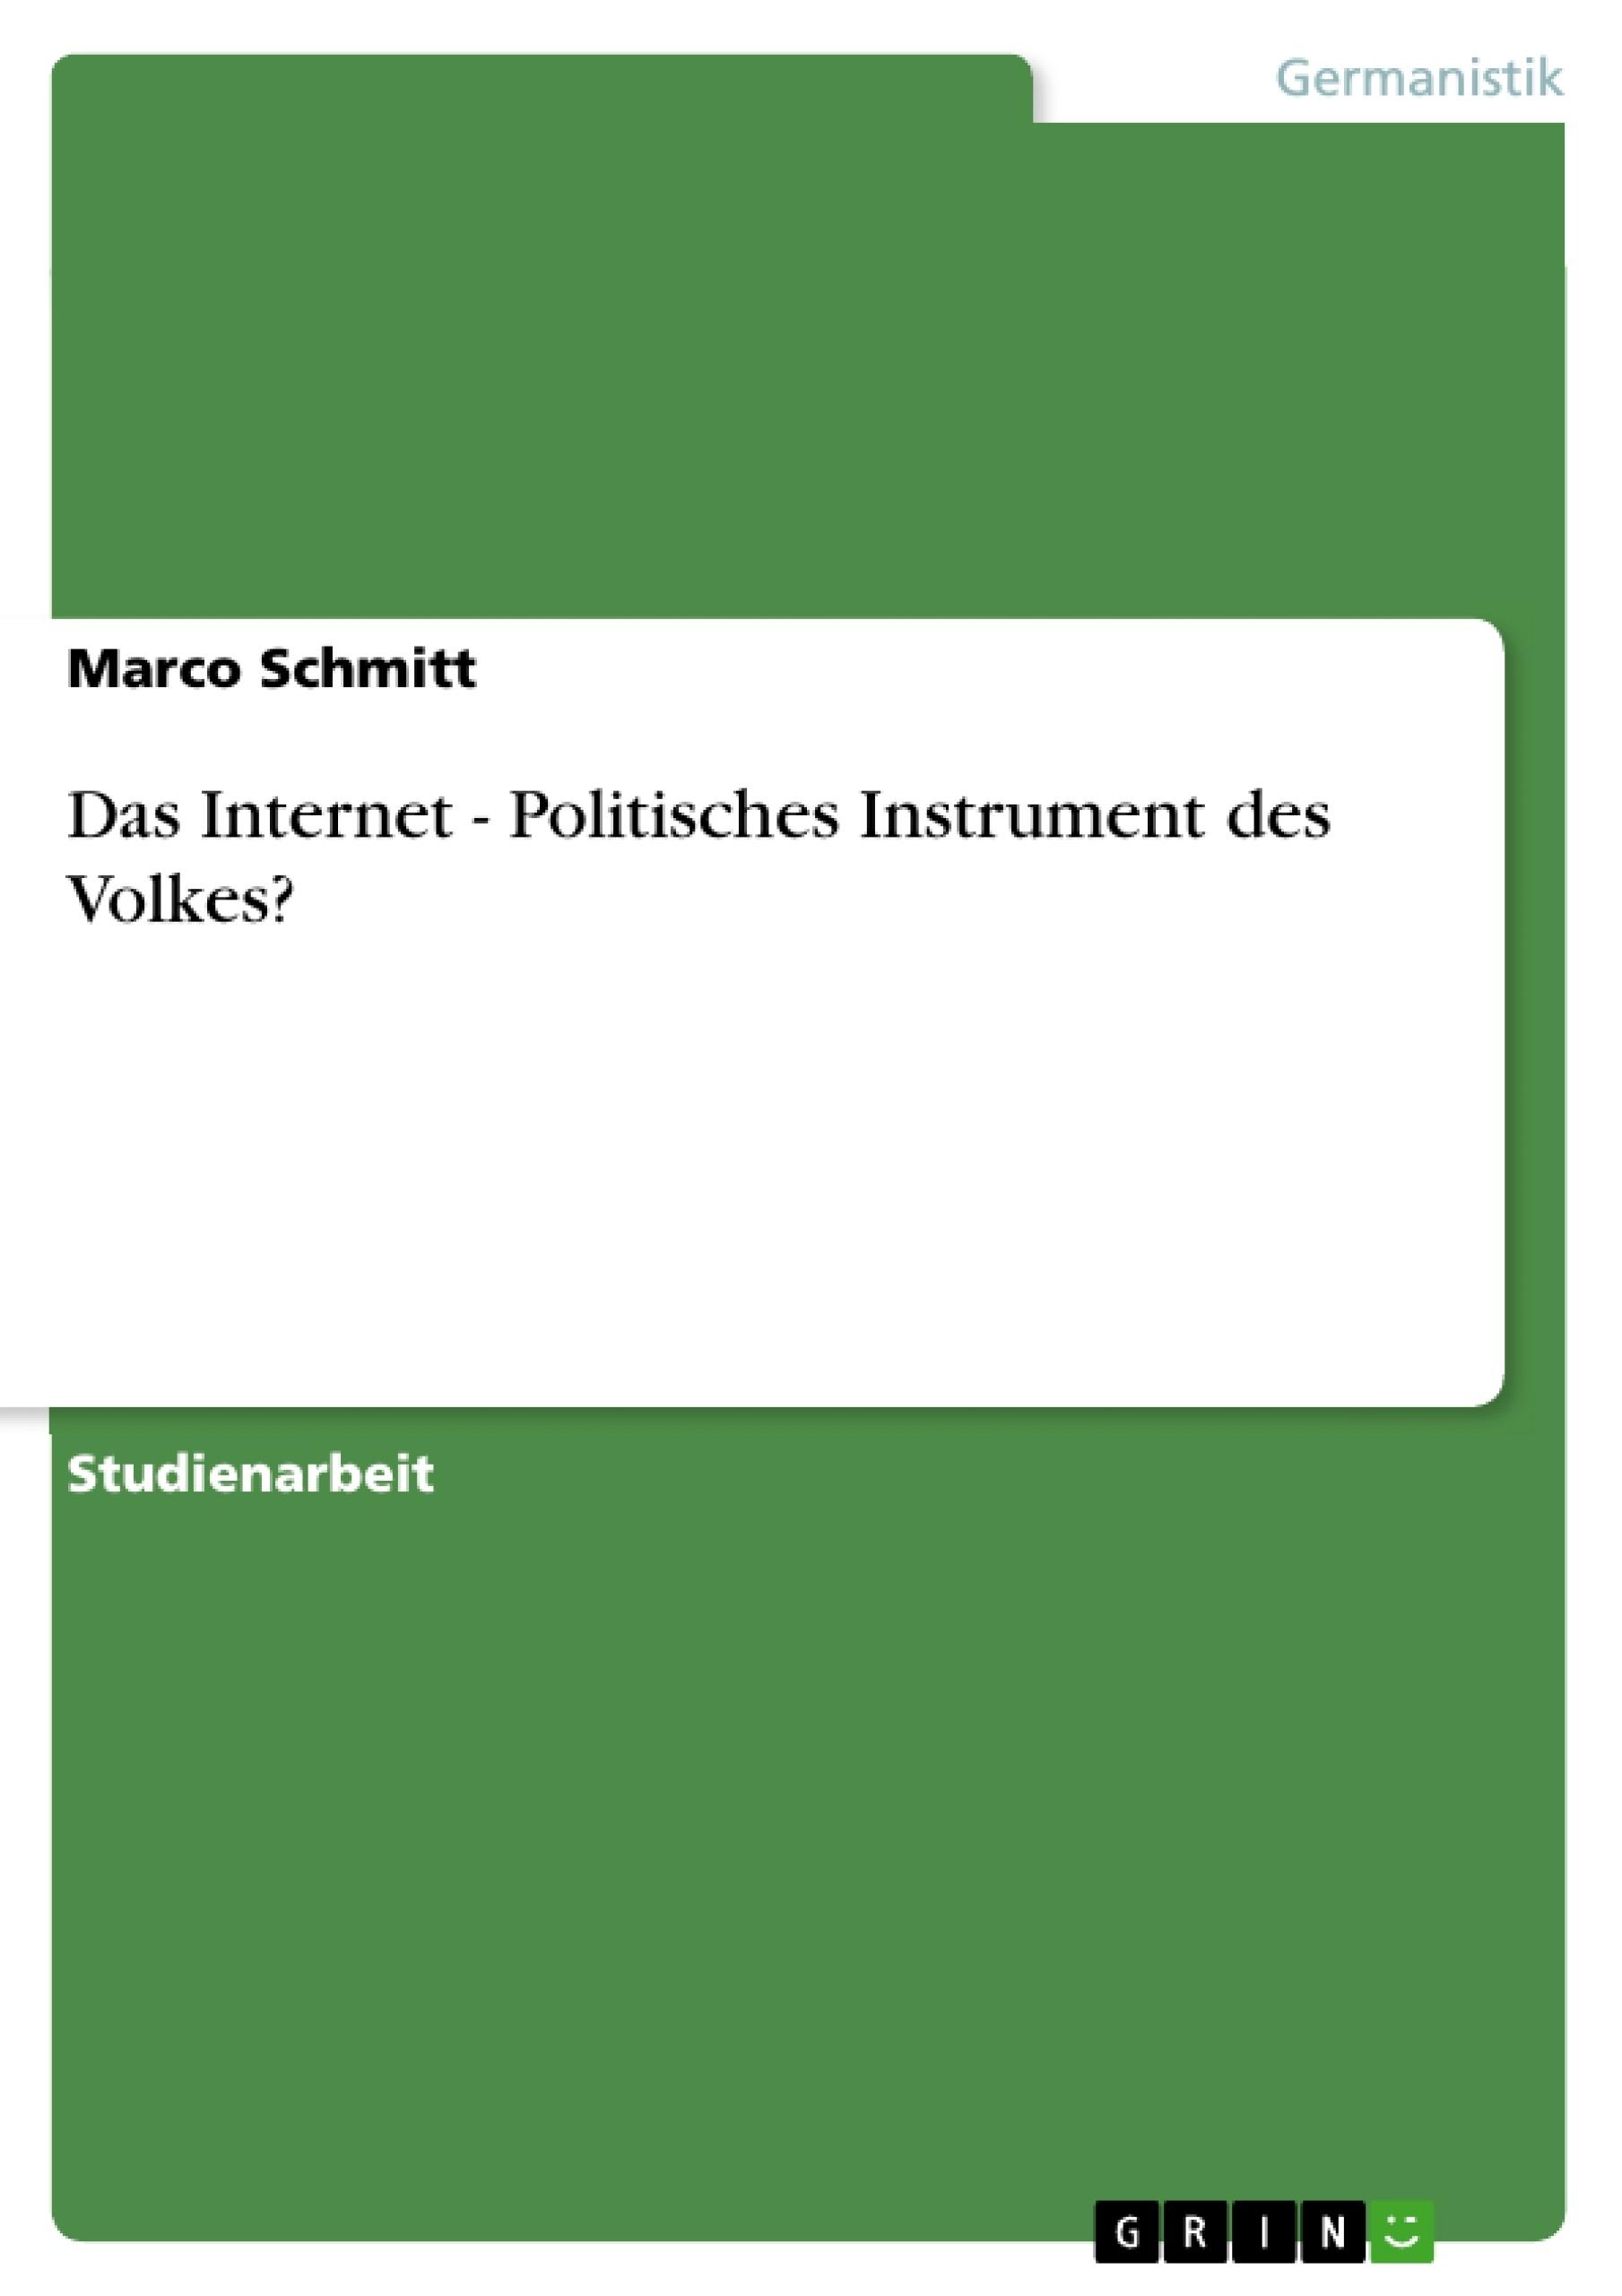 Titel: Das Internet - Politisches Instrument des Volkes?